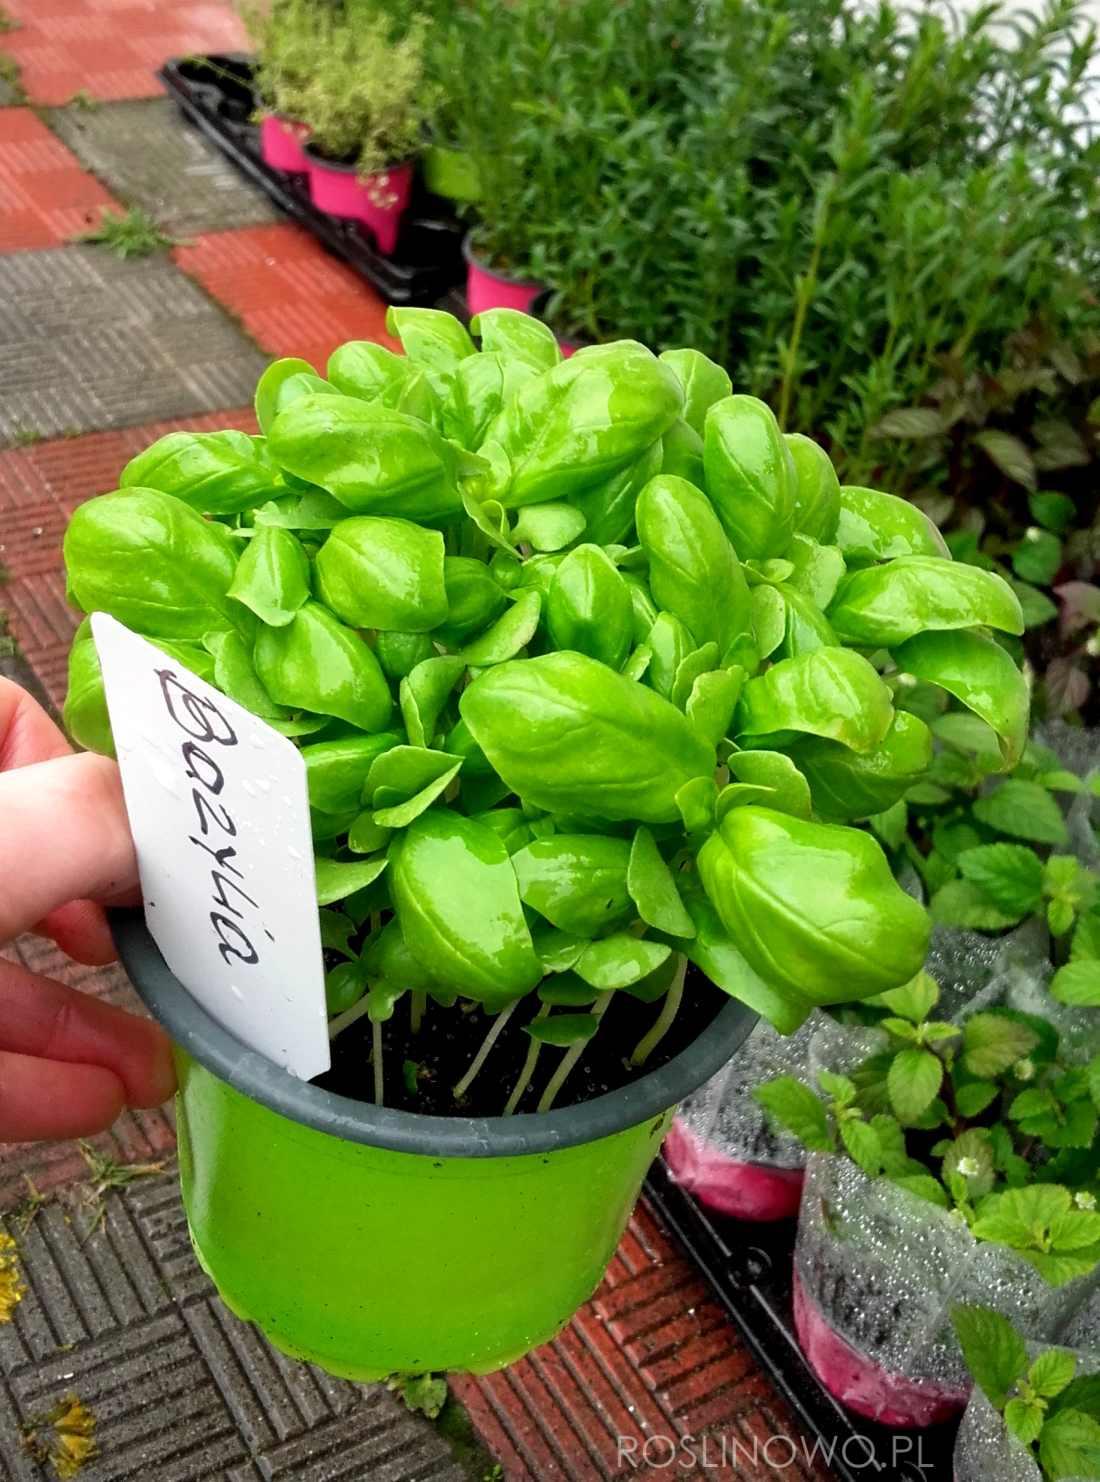 Bazylia - znana włoska przyprawa oraz roślina zielna do ogródków ziołowych jak również na balkony i tarasy